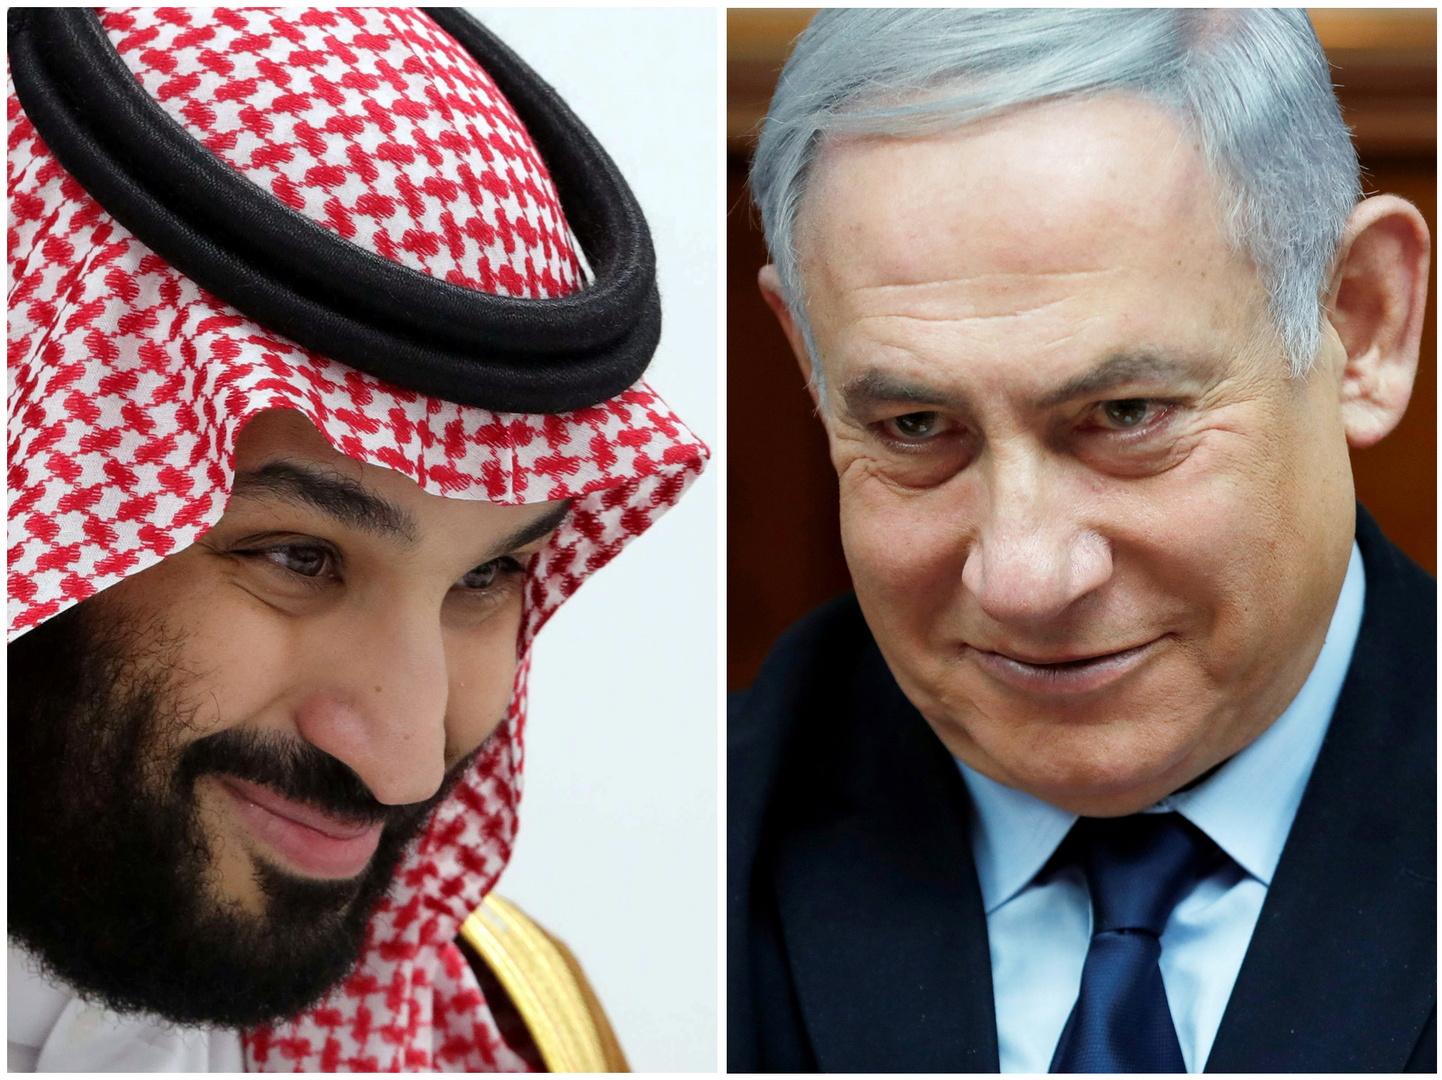 بنيامين نتنياهو وبن سلمان: مسألة مبدأ